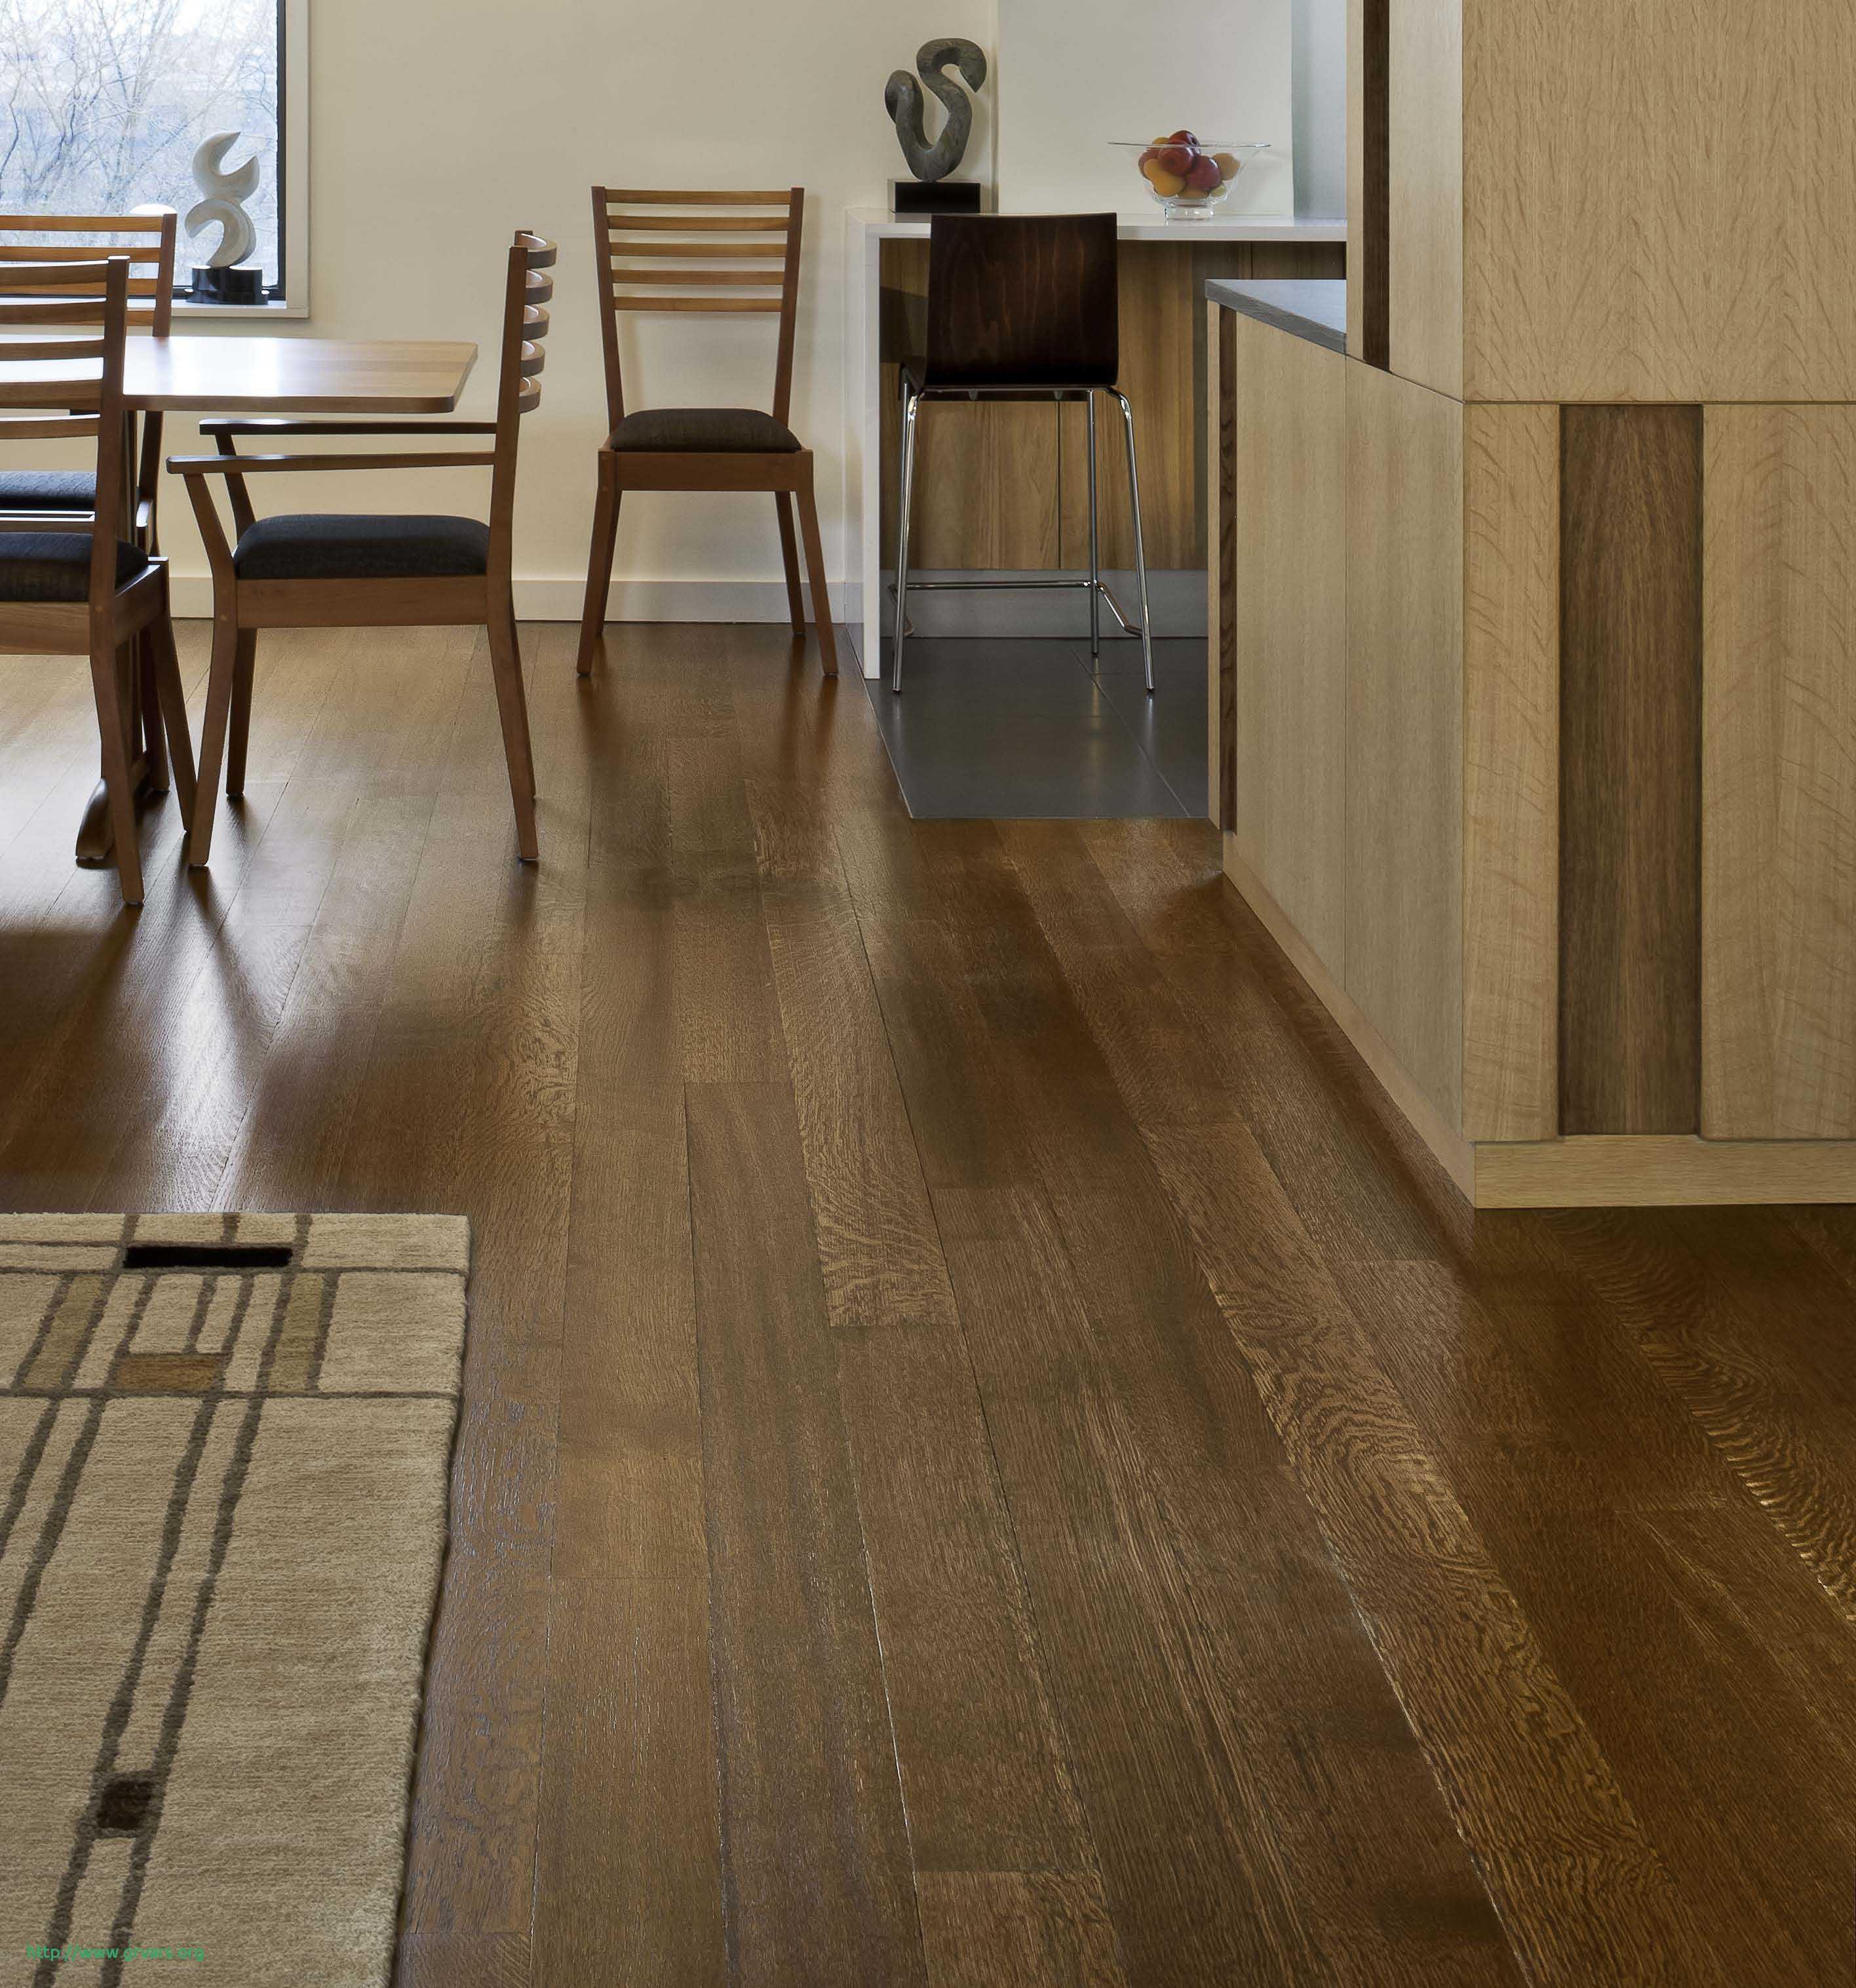 12 Amazing White Oak Plank Hardwood Flooring